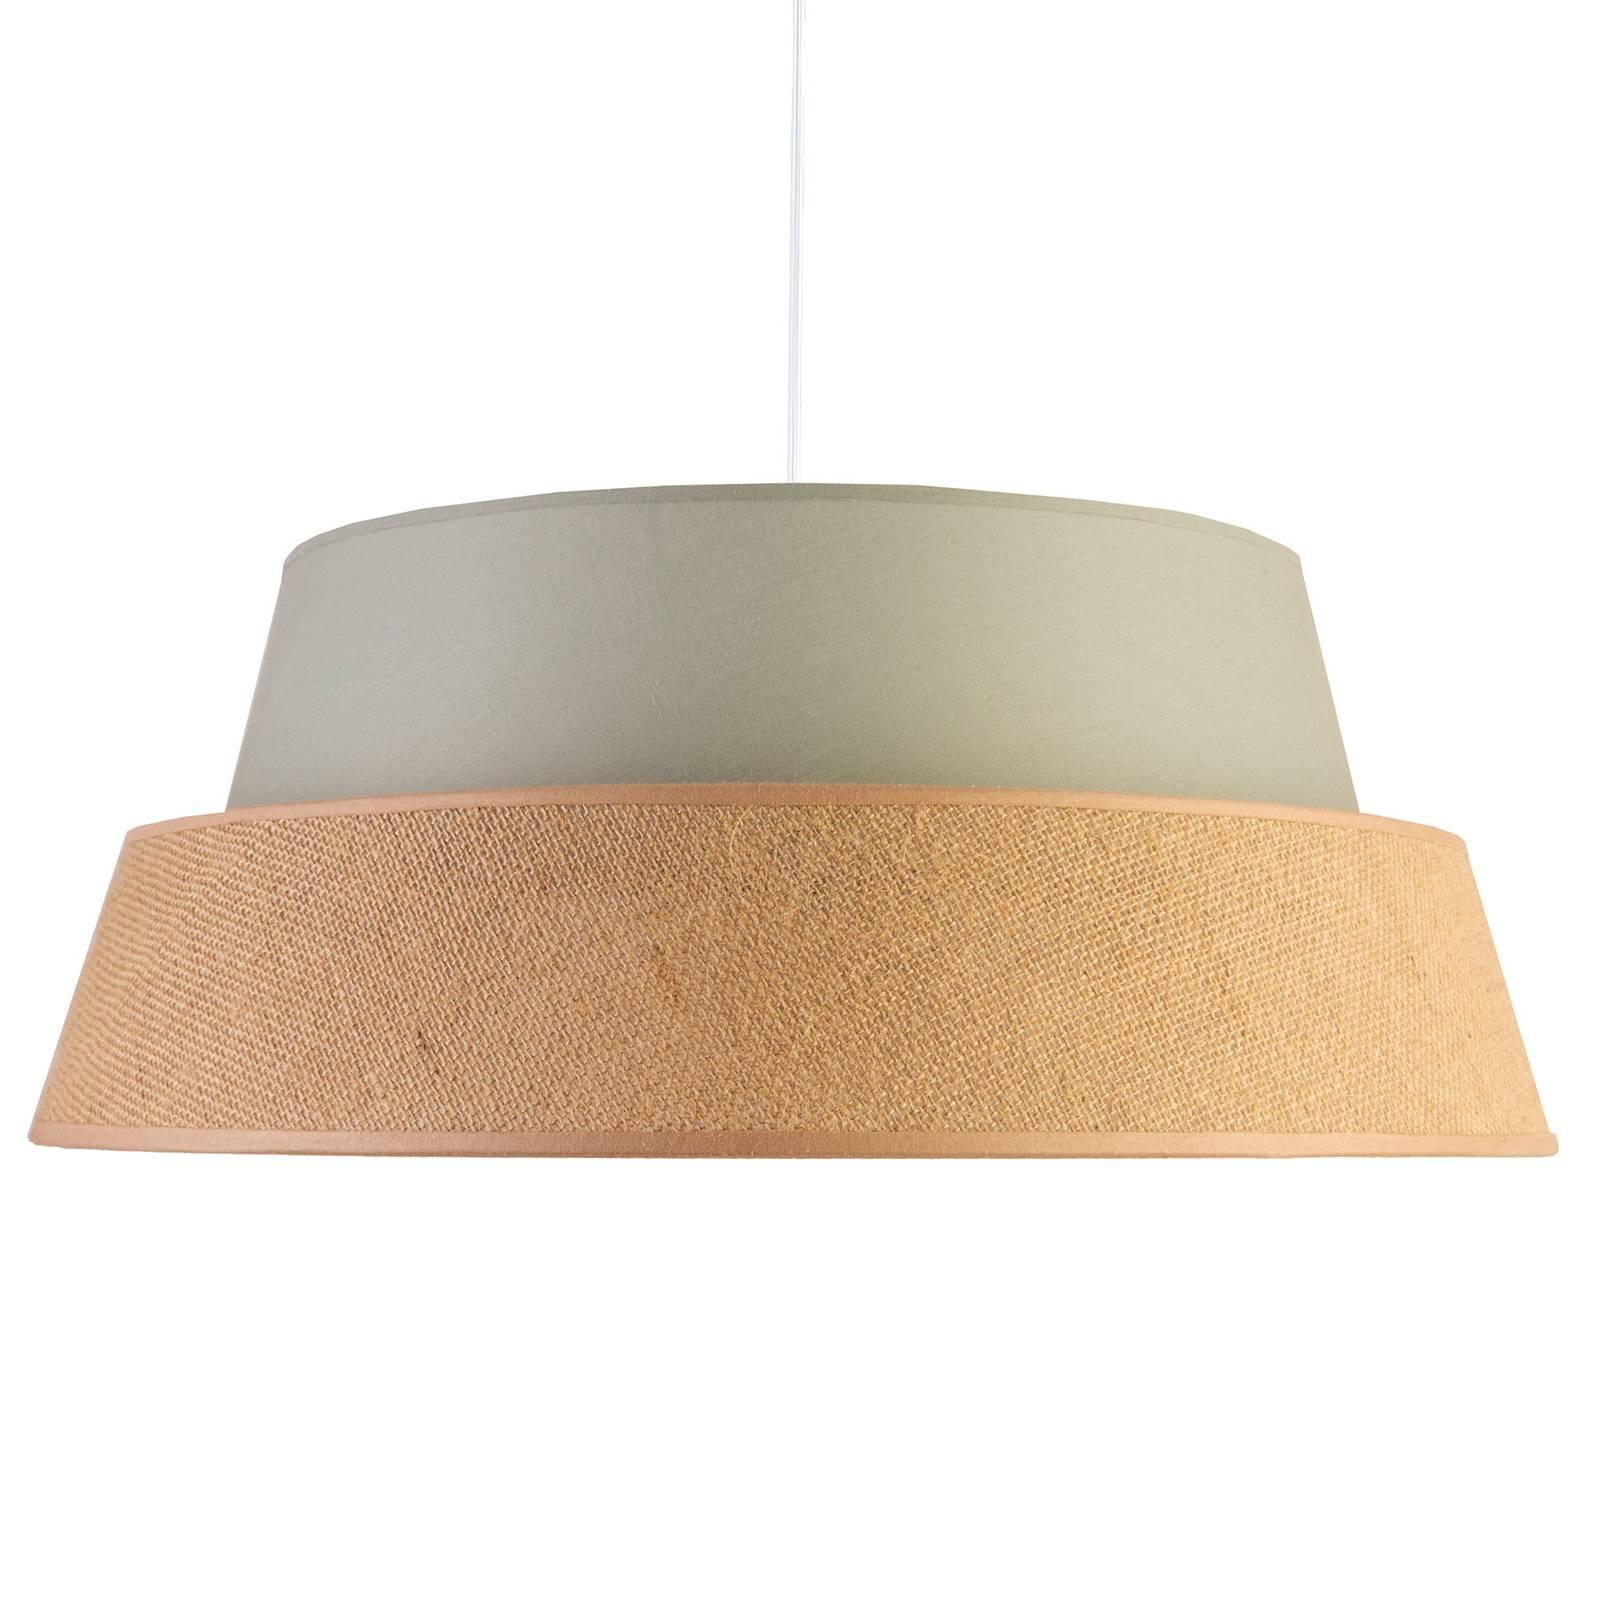 Hanglamp Galaxy Soft Nature, grijs/bruin